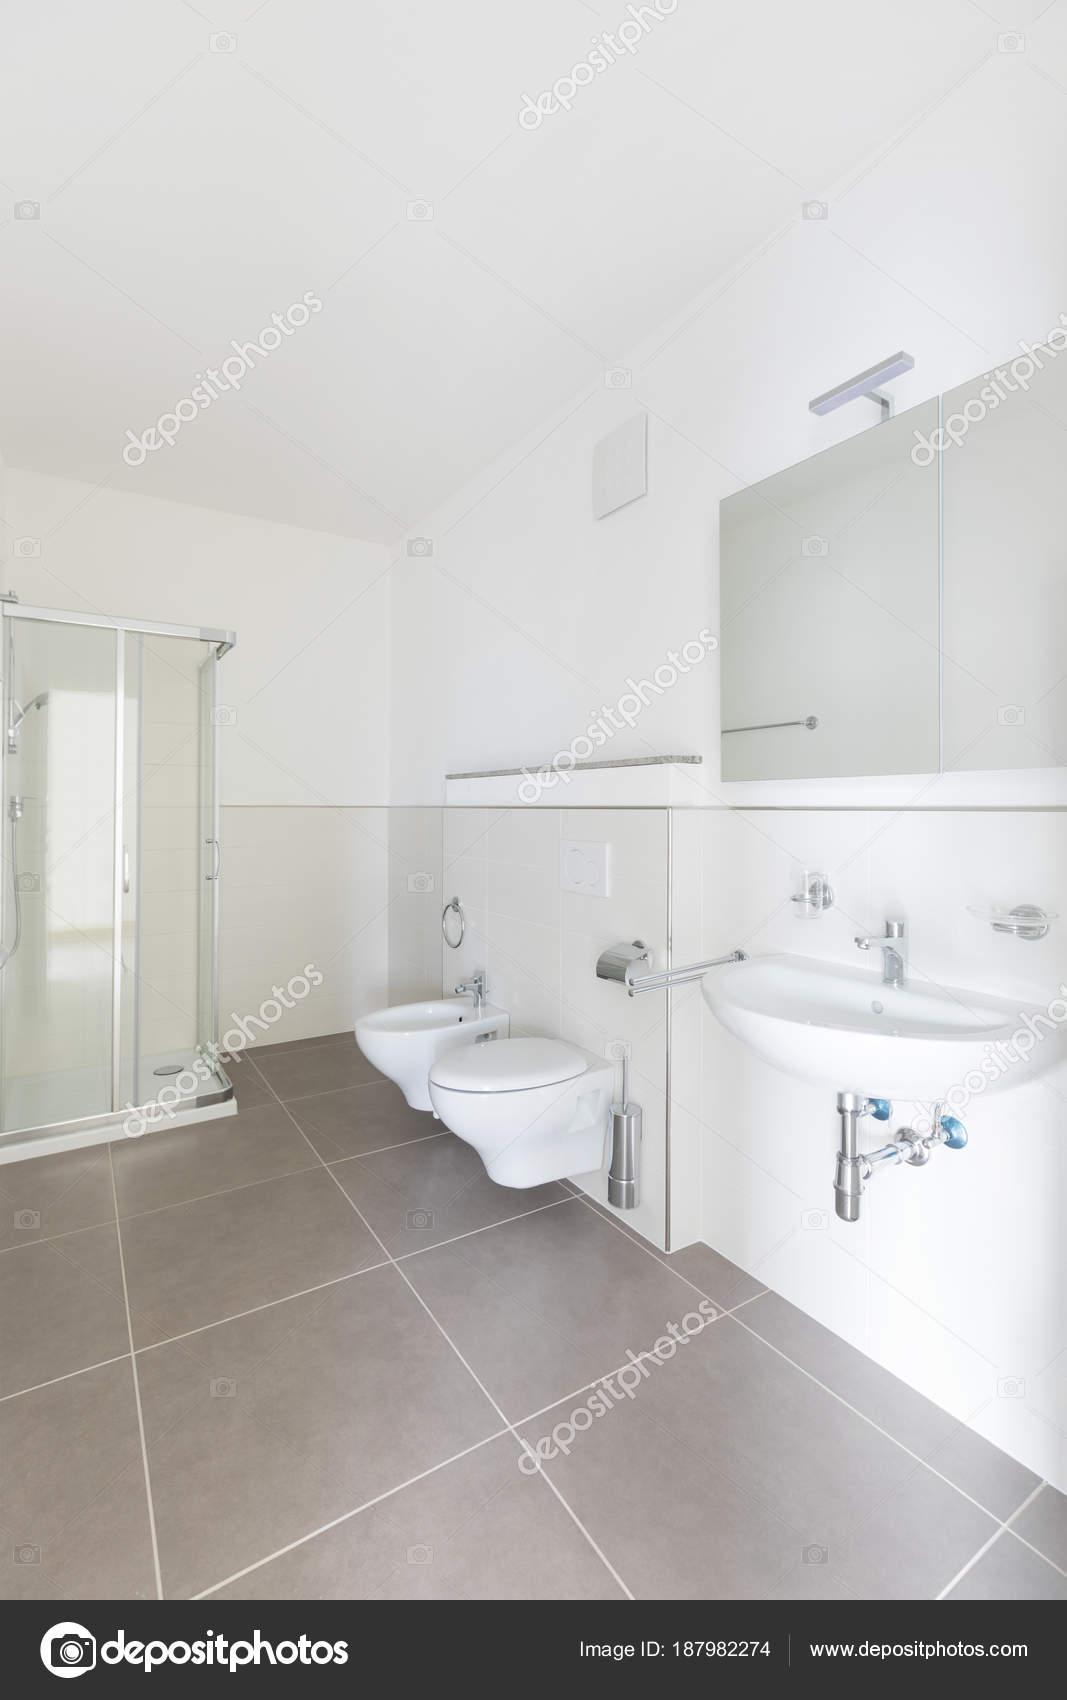 Neues Badezimmer gerade renoviert, sauber und ordentlich — Stockfoto ...